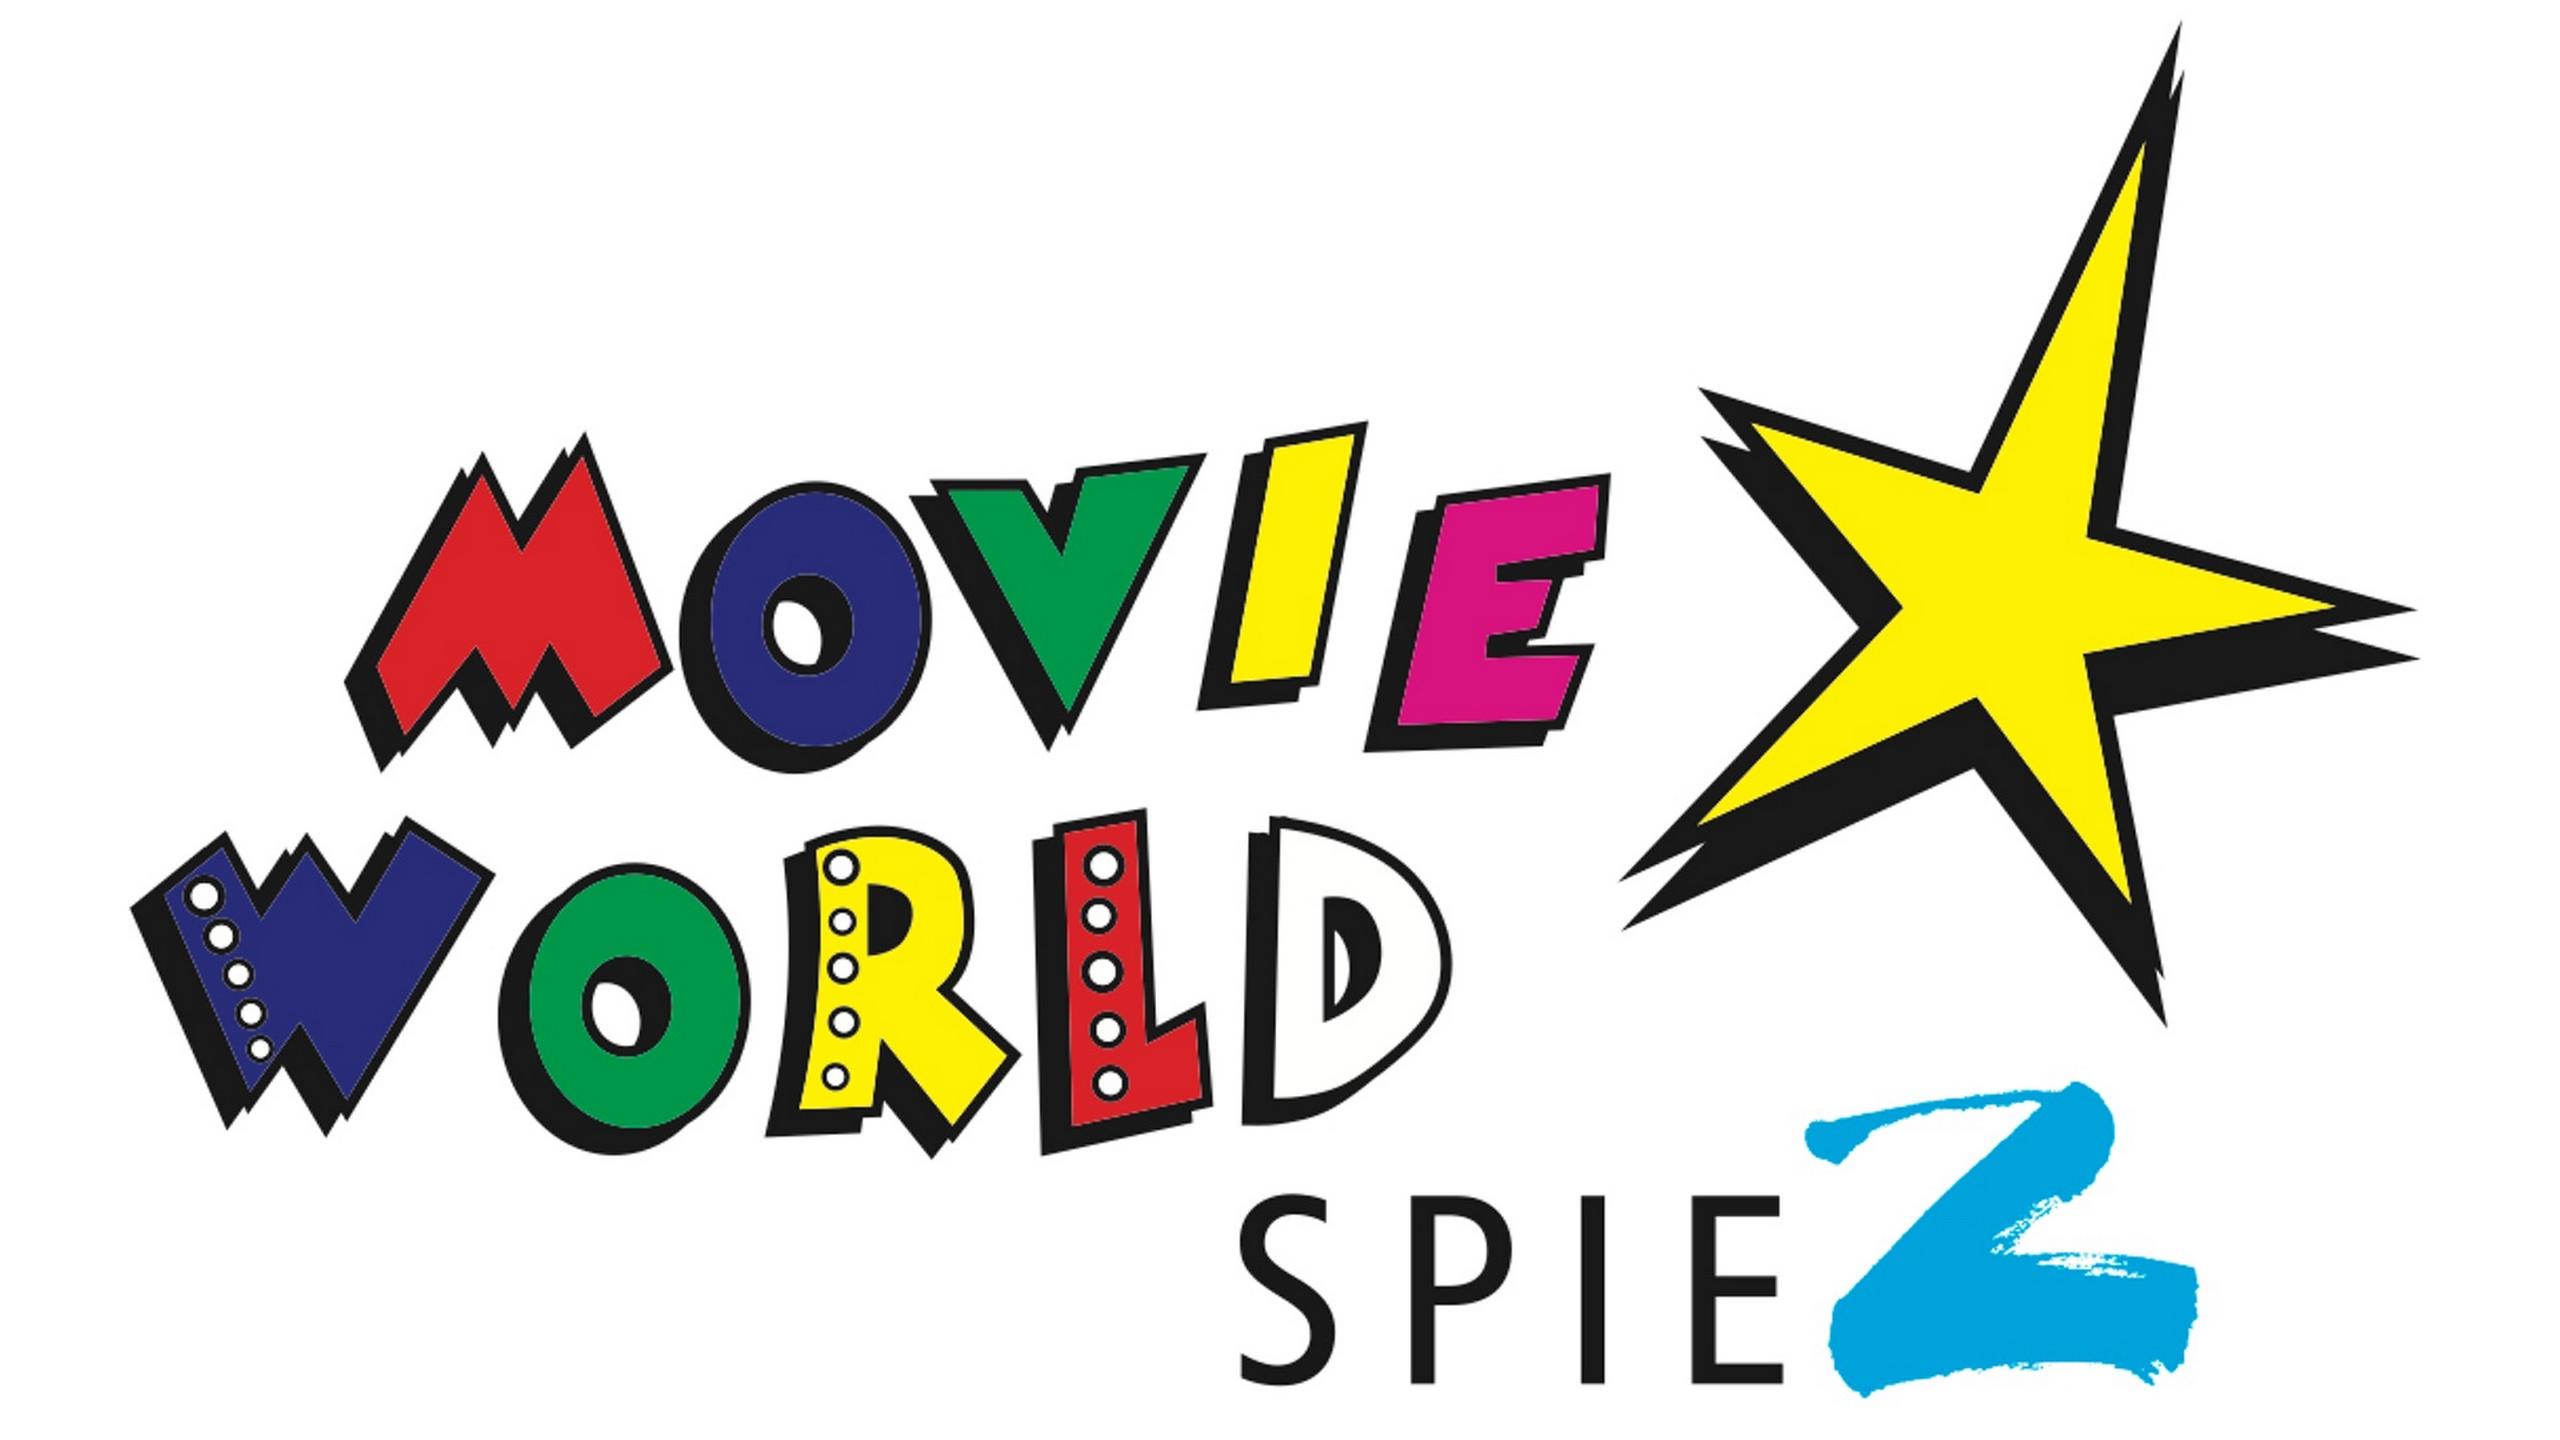 movieworld-spiez-logo.jpg